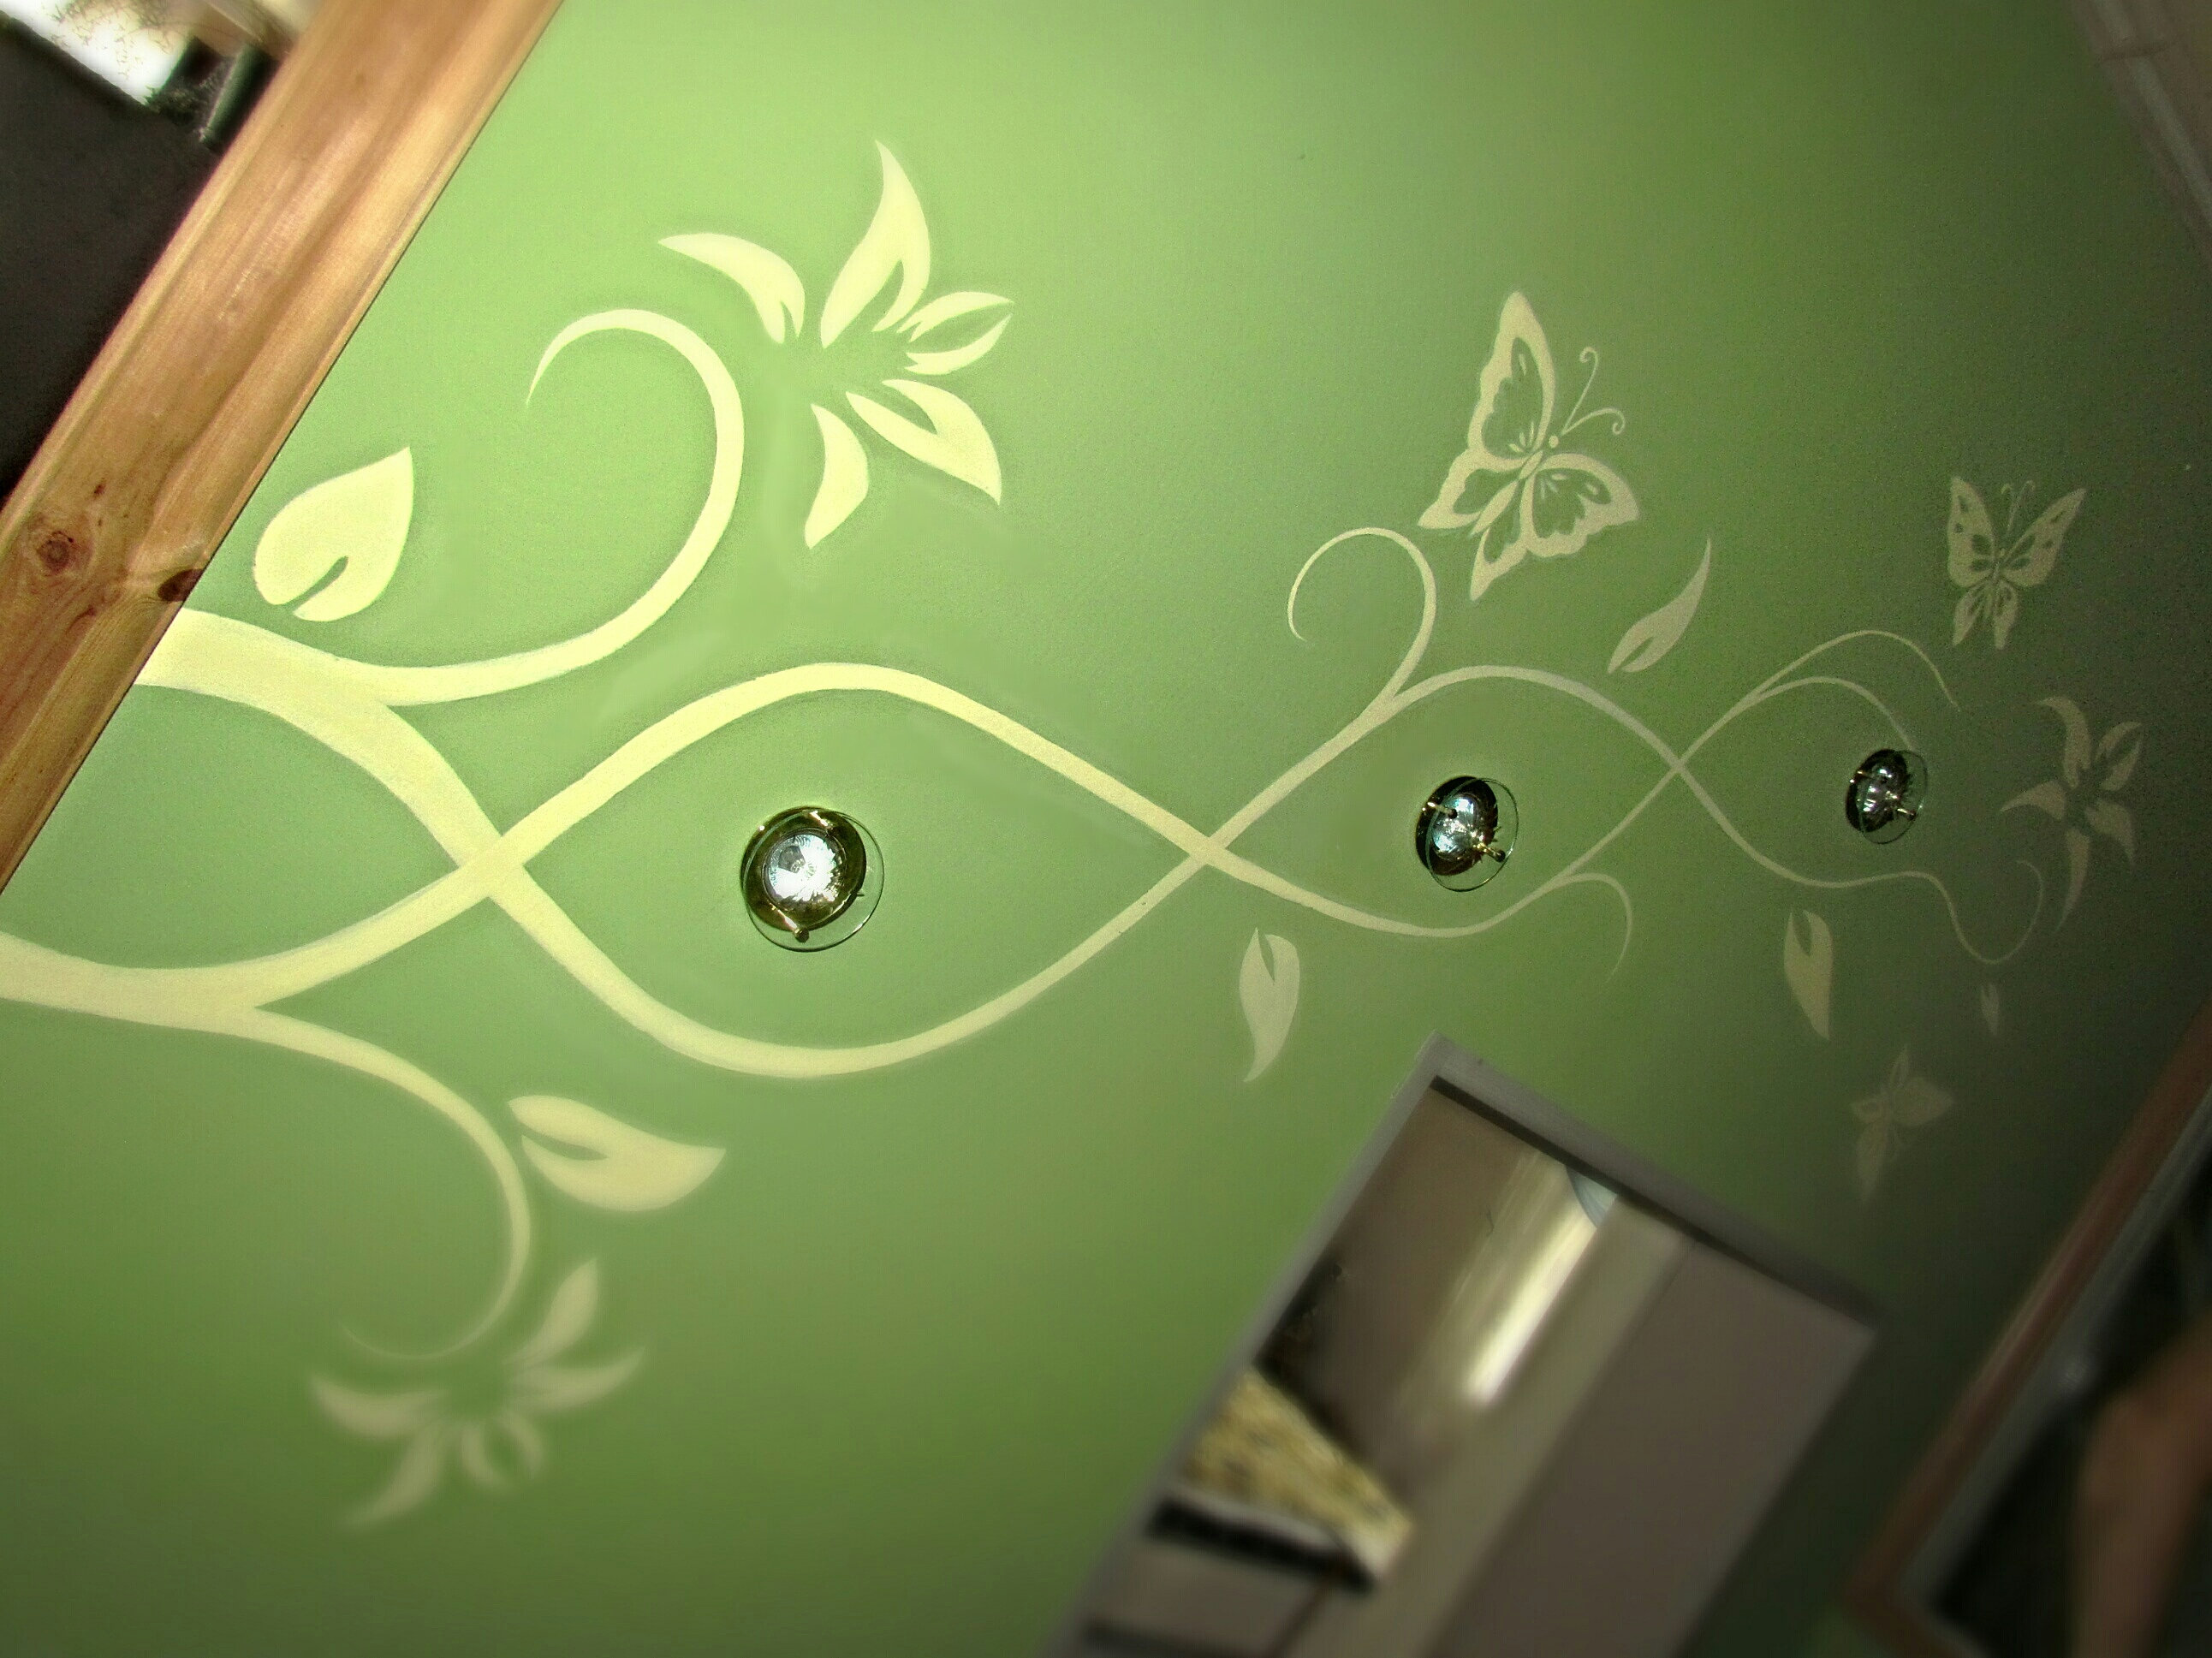 Орнамент на стенах своими руками фото